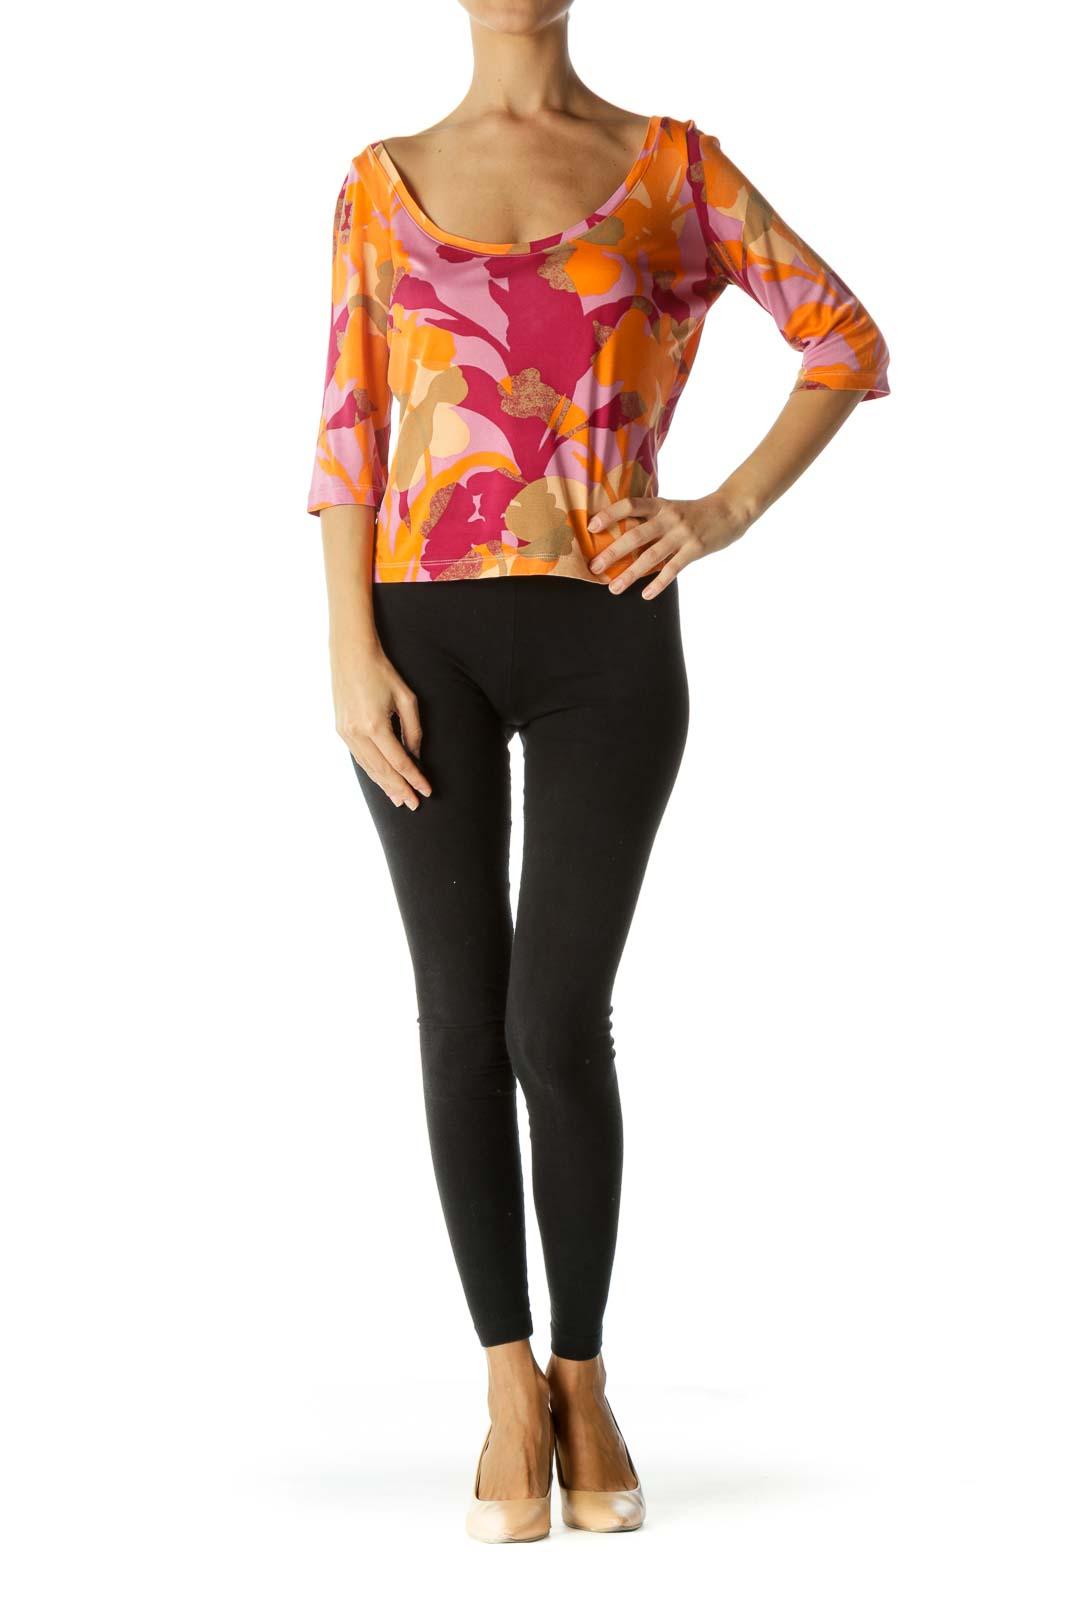 Magenta Orange Beige 100% Silk Round Neck Print Stretch Top